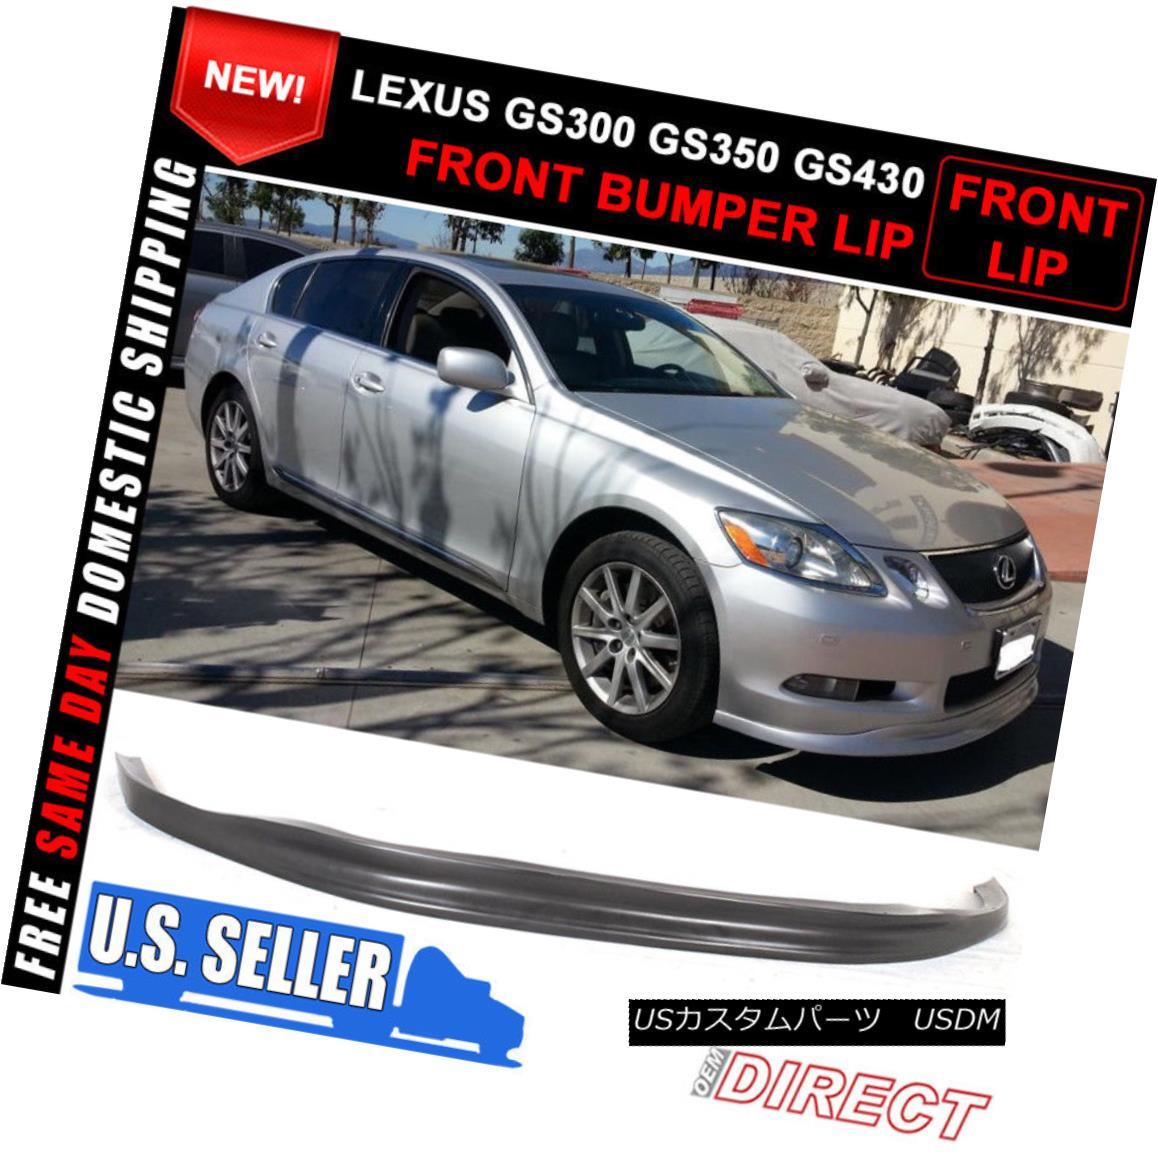 PU 06 07 Lexus GS300 GS350 GS430 TTE Style Front Bumper Lip